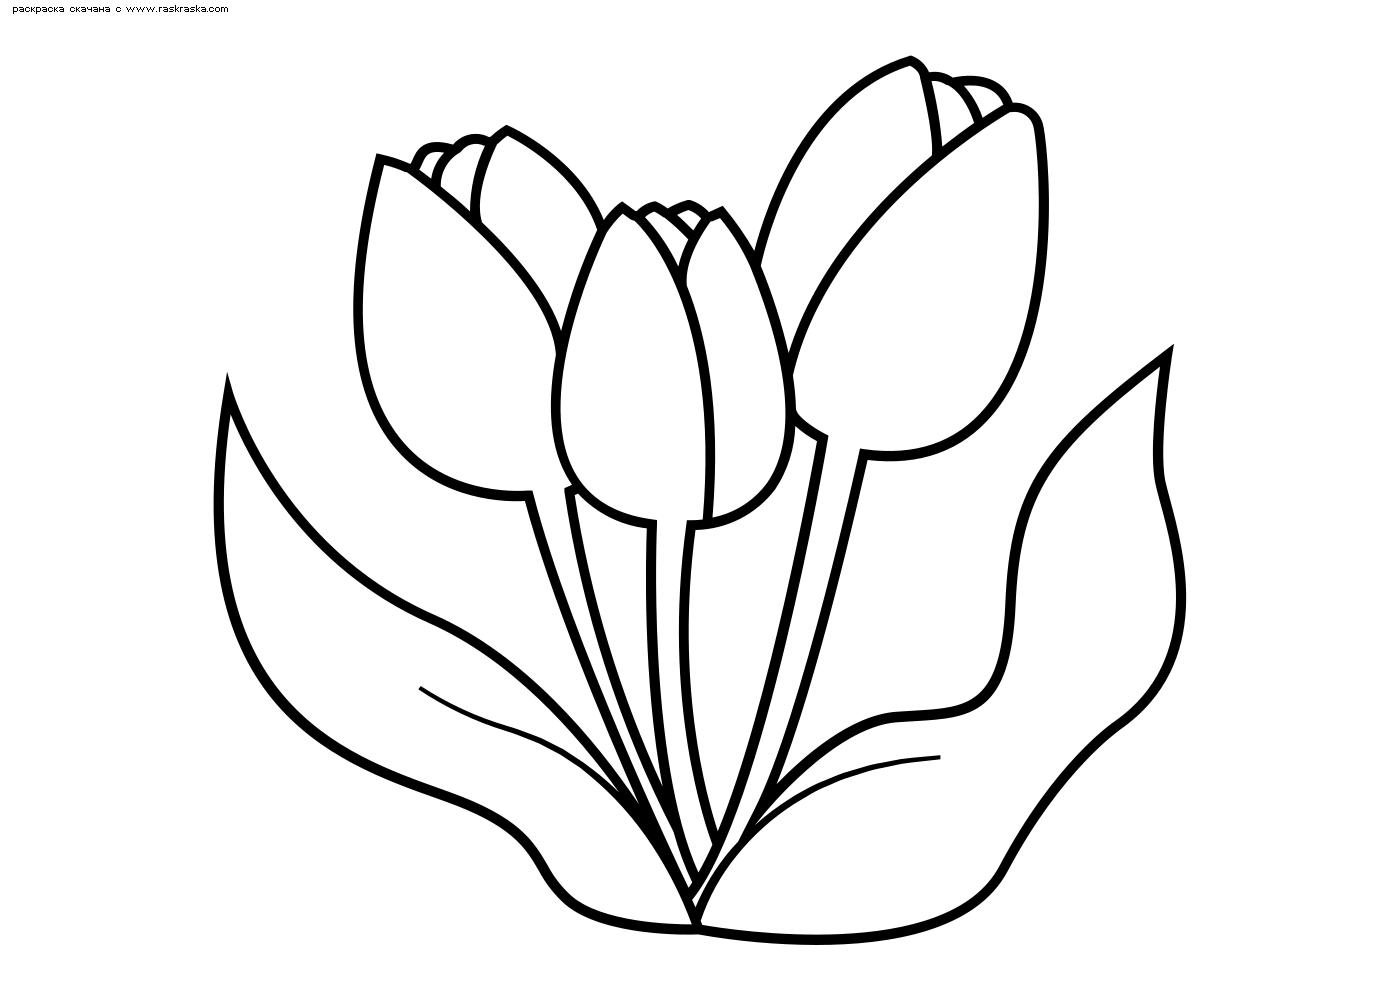 Раскраска Тюльпаны | Раскраски цветов для маленьких детей